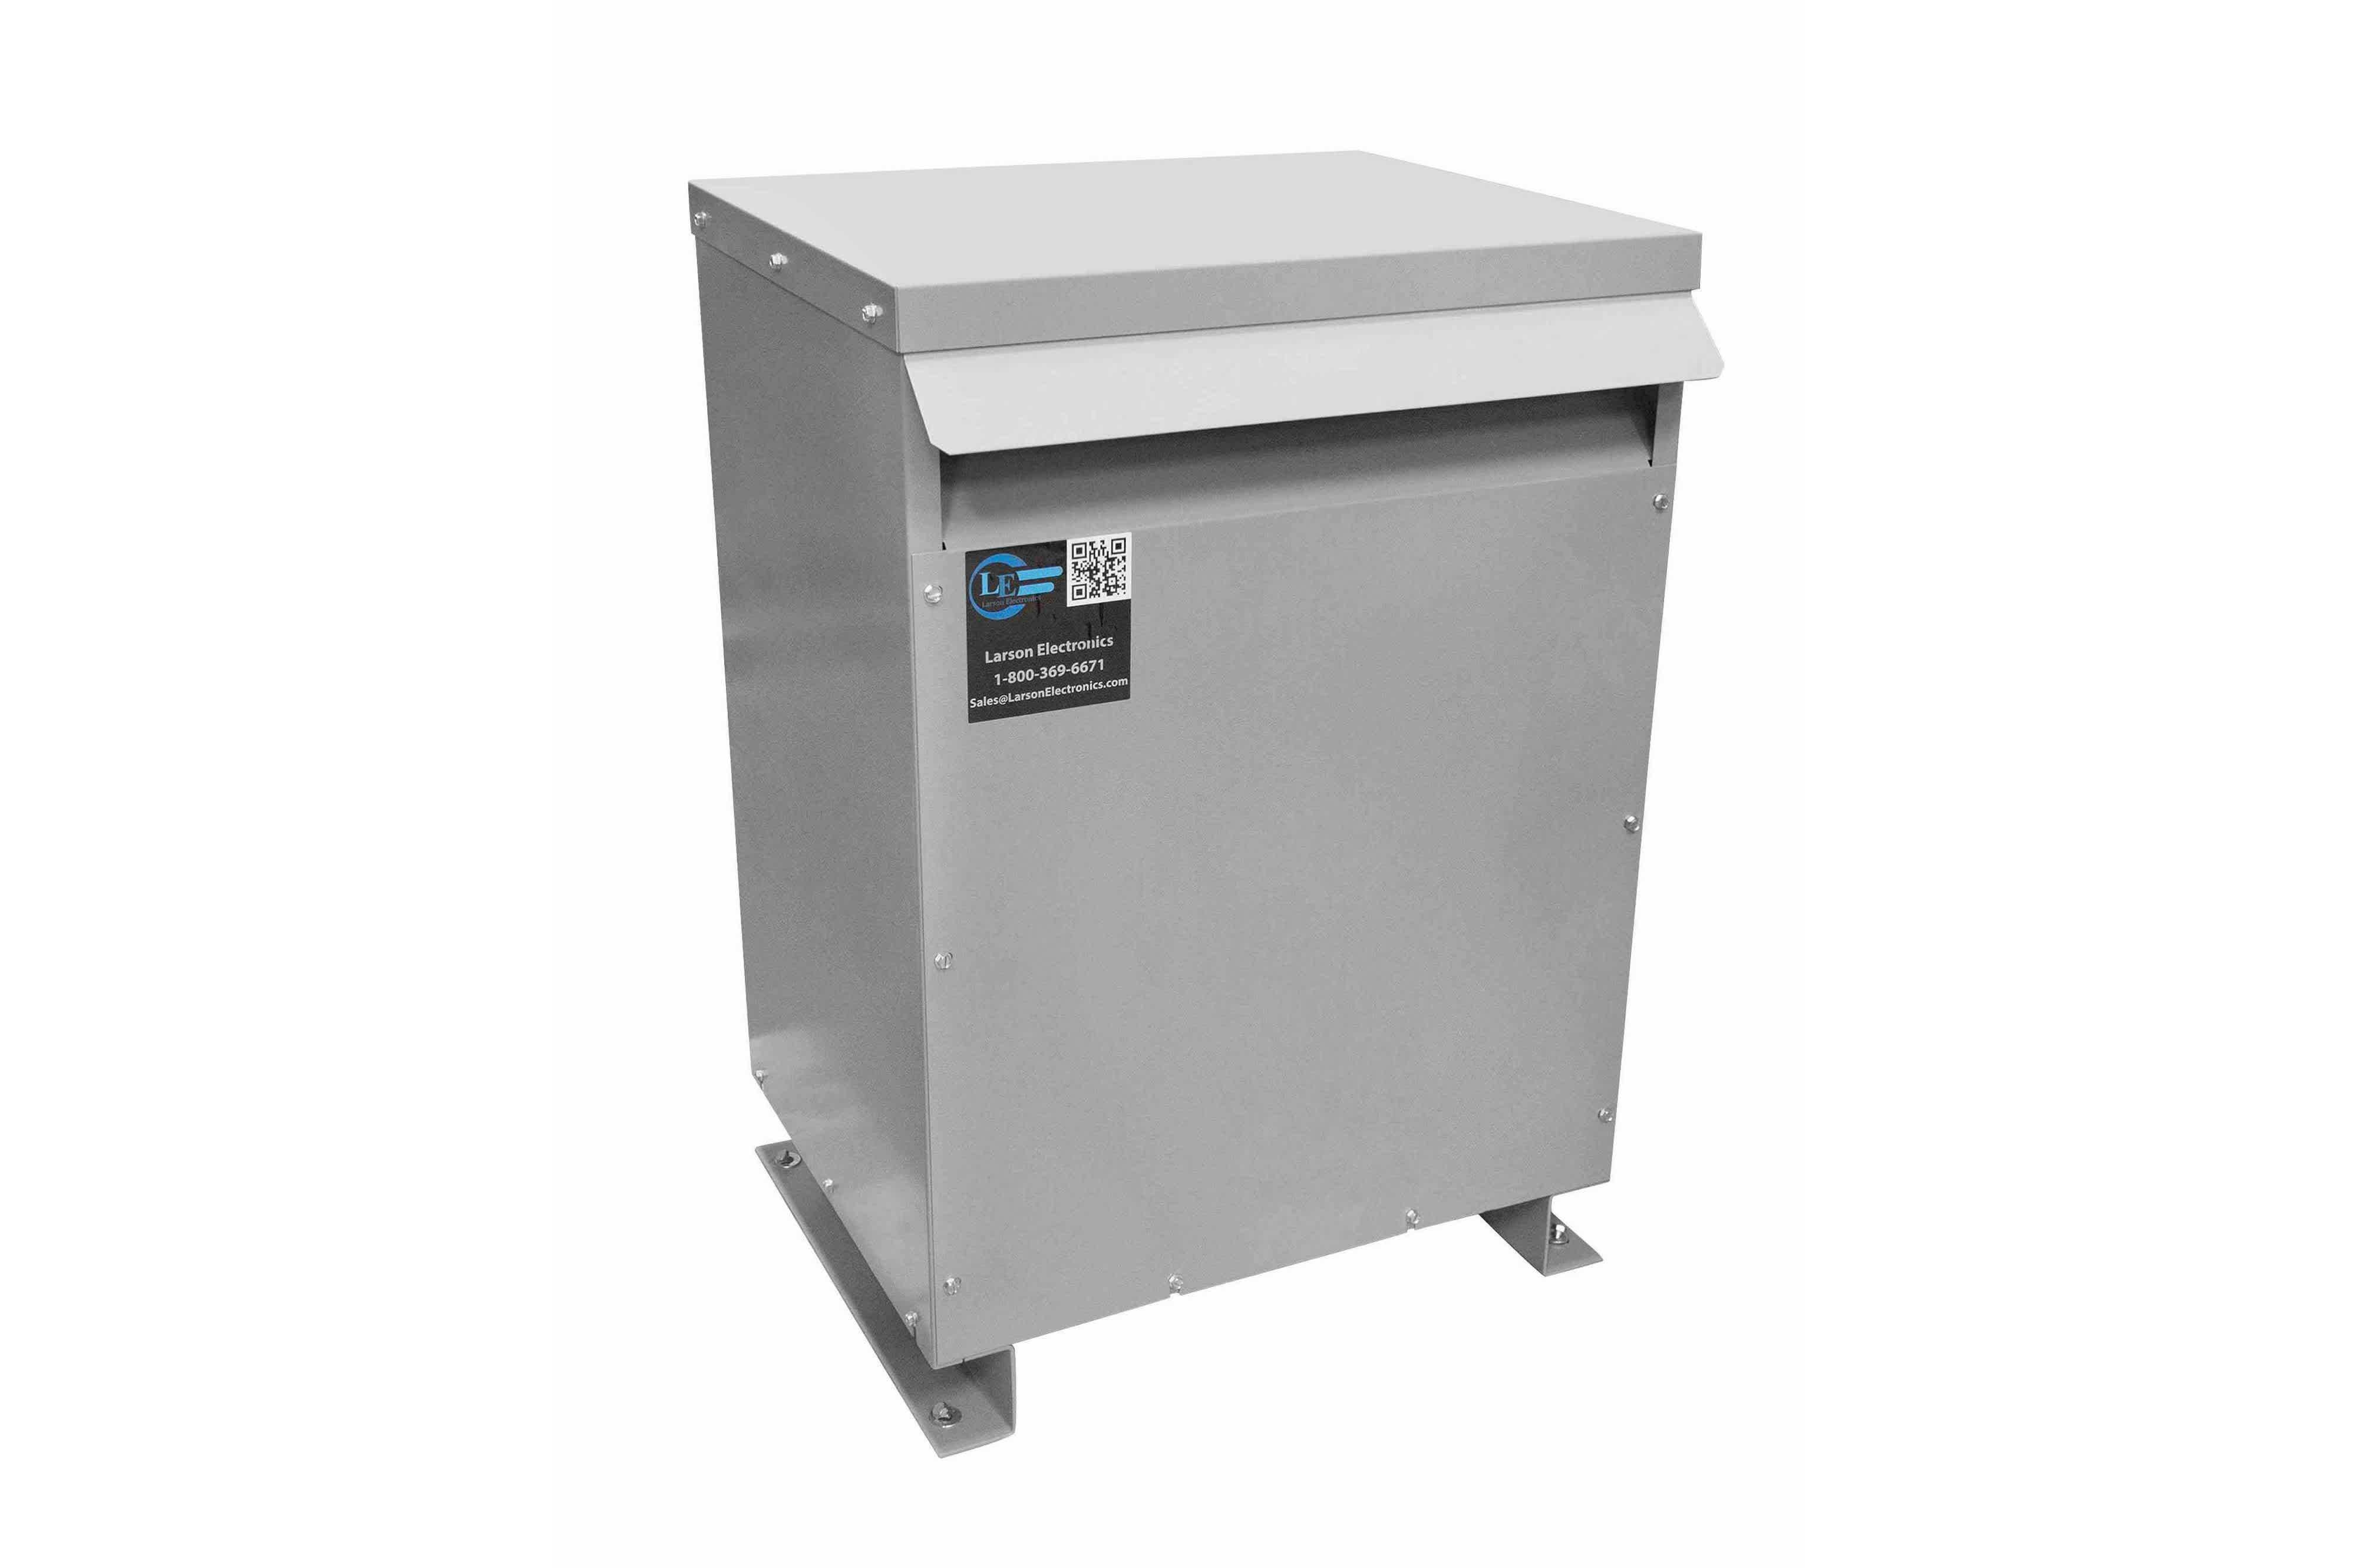 175 kVA 3PH Isolation Transformer, 480V Delta Primary, 208V Delta Secondary, N3R, Ventilated, 60 Hz